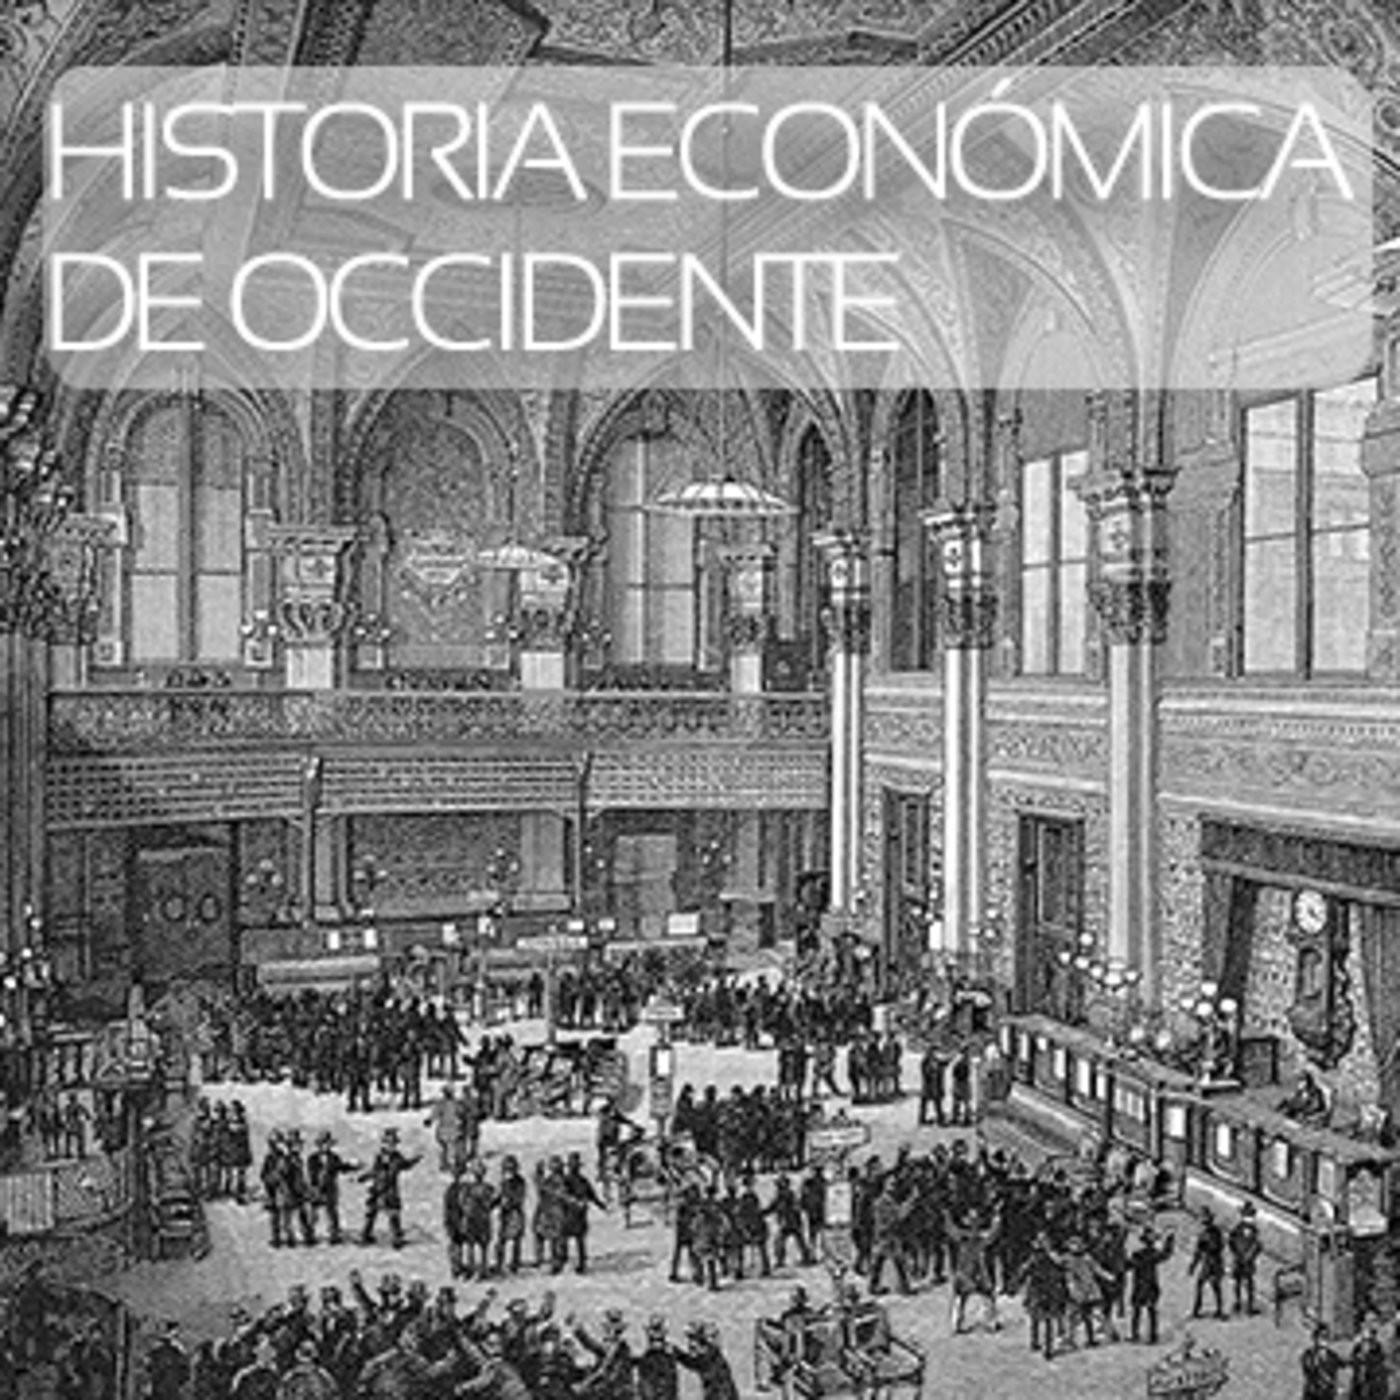 <![CDATA[Historia Económica de Occidente Preindustrial]]>